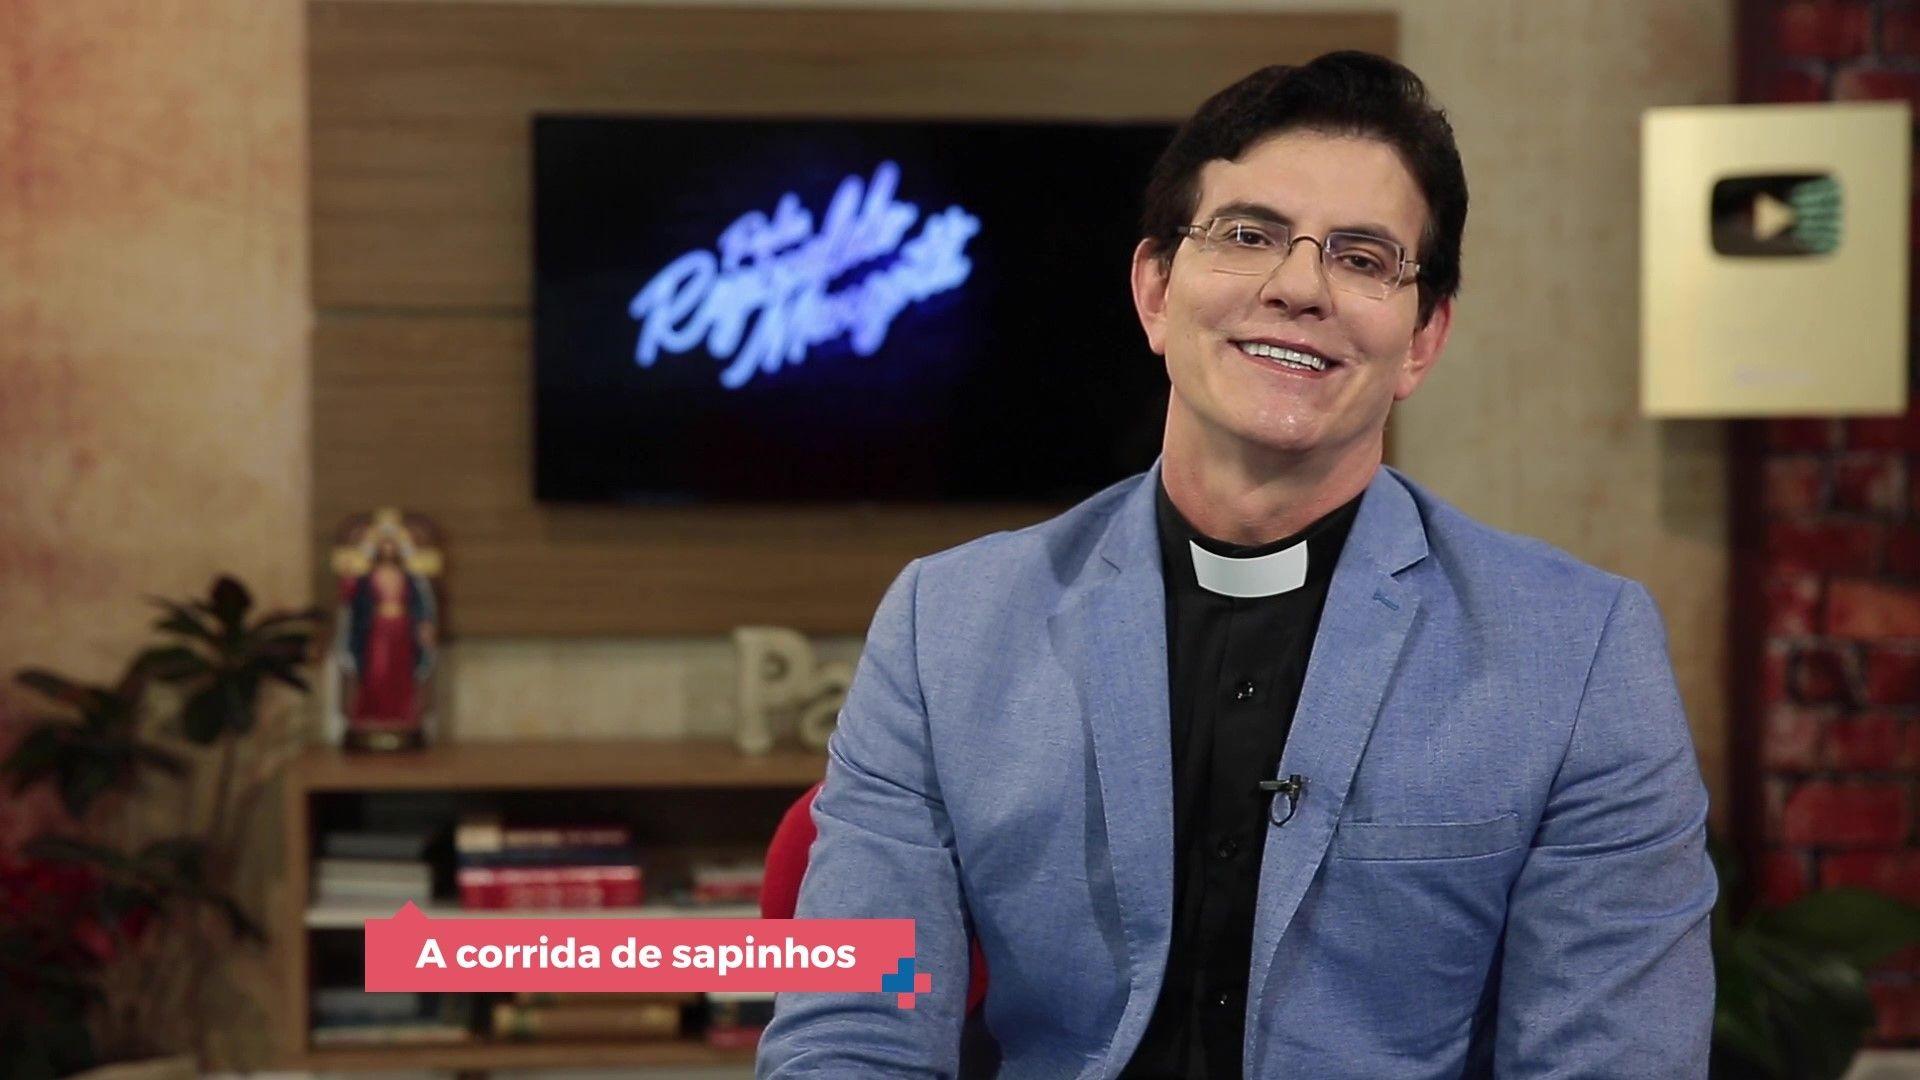 Padre Reginaldo Manzotti - A Corrida De Sapinhos